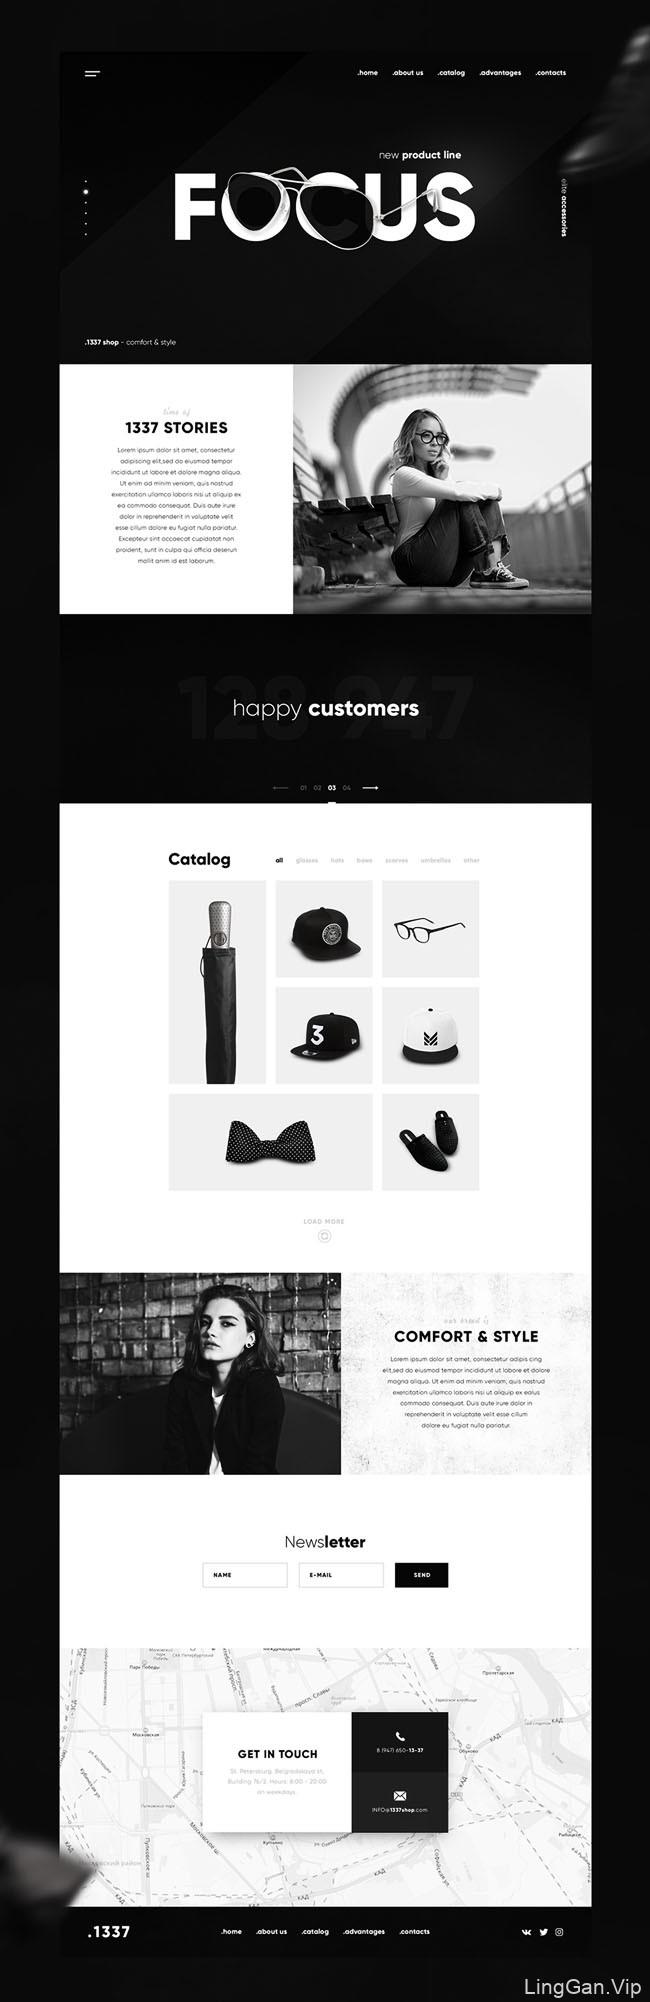 Elite饰品在线商店网页设计作品